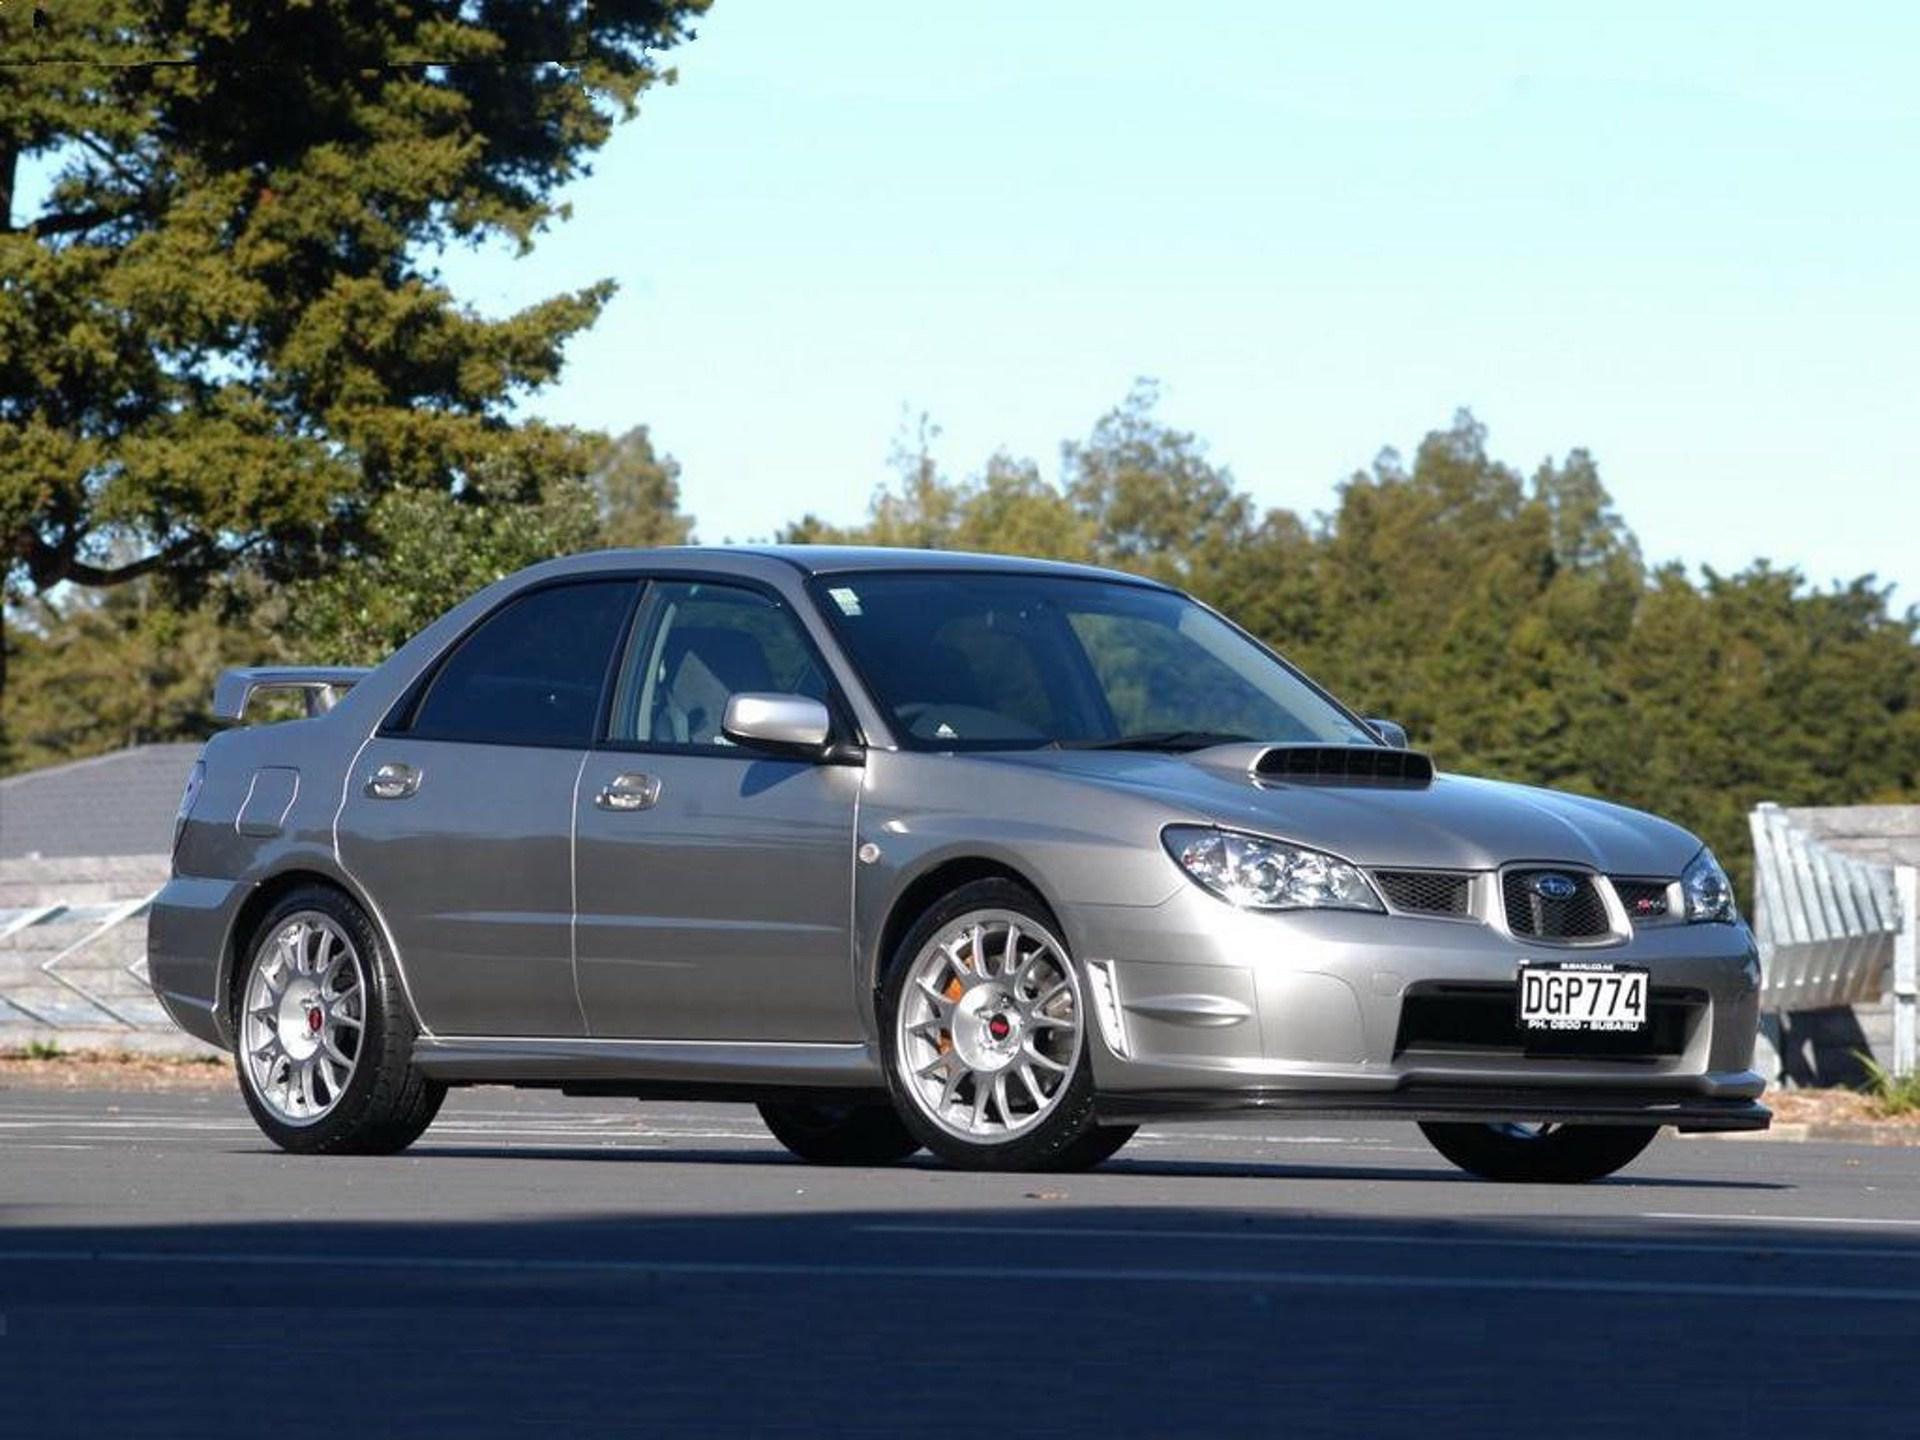 Subaru_Impreza_STI_S204_0000